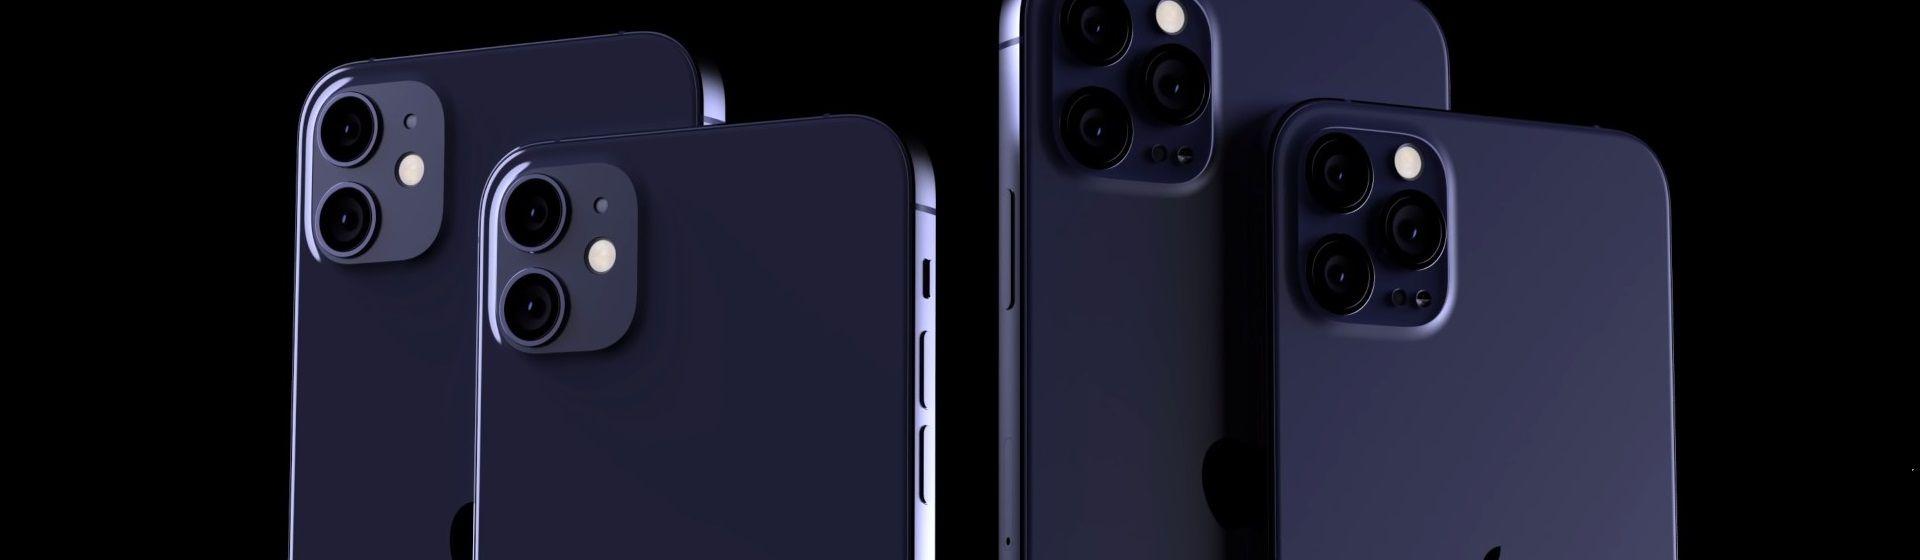 iPhone 12 Mini e Pro: conheça as prováveis quatro versões do novo iPhone